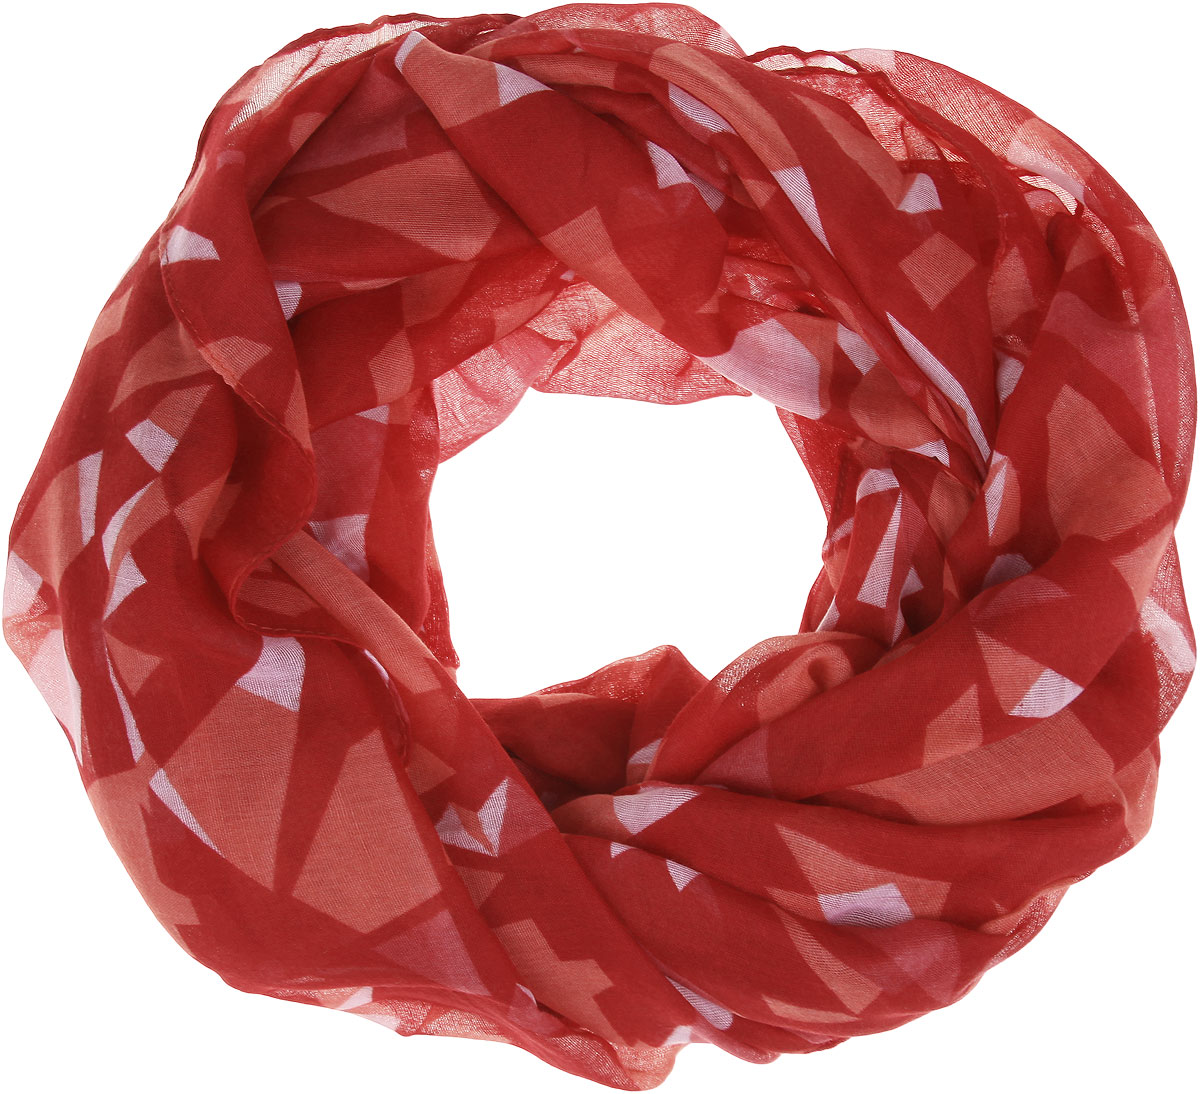 Палантин Sophie Ramage, цвет: красный, лососевый, светло-розовый. SJ-21424-15. Размер 90 см х 180 смSJ-21424-15Палантин Sophie Ramage позволит вам создать неповторимый и запоминающийся образ. Благодаря своему составу, в который входит вискоза с добавлением хлопка, он теплый, мягкий, имеет приятную на ощупь текстуру. Модель оформлена оригинальным принтом. Такой аксессуар станет стильным дополнением к гардеробу современной женщины, а также подаритощущение комфорта, тепла и уюта в прохладную погоду.